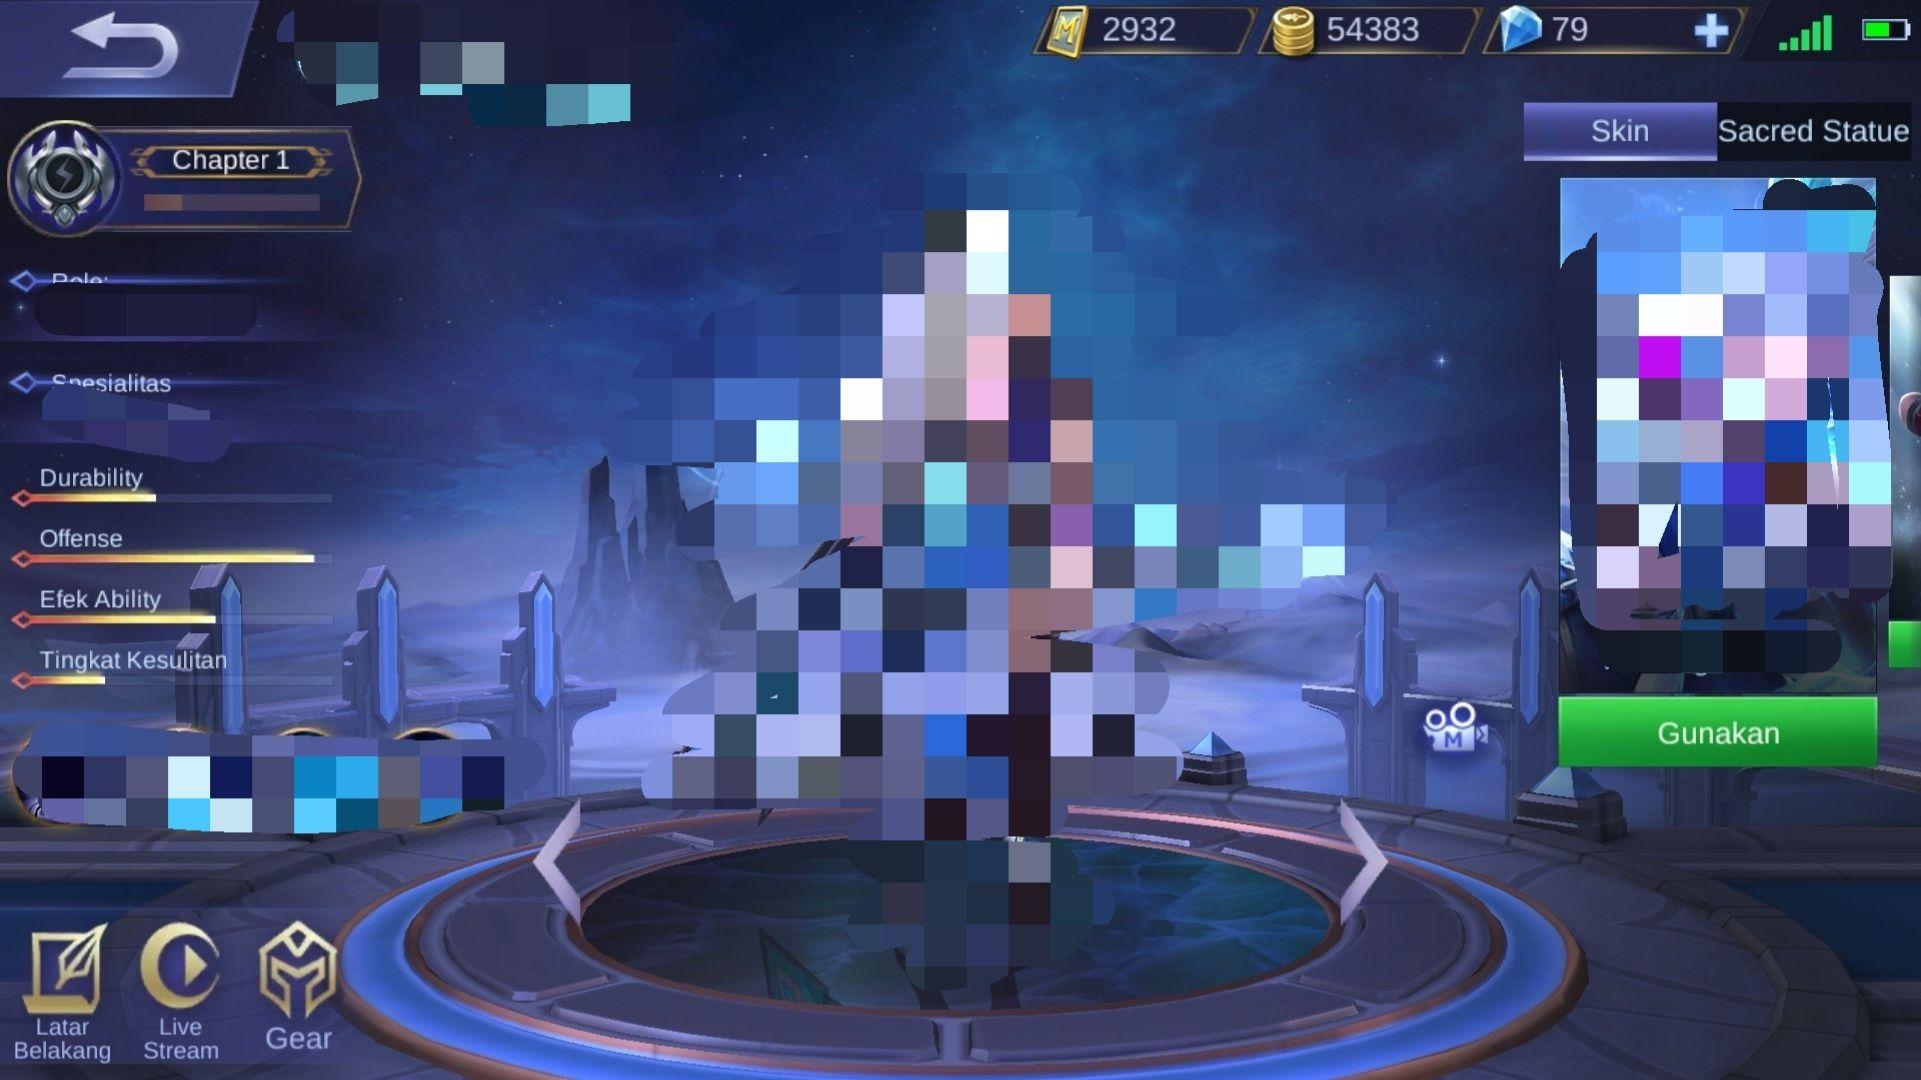 Terungkap Inilah Hero Tertua Dalam Game Mobile Legends